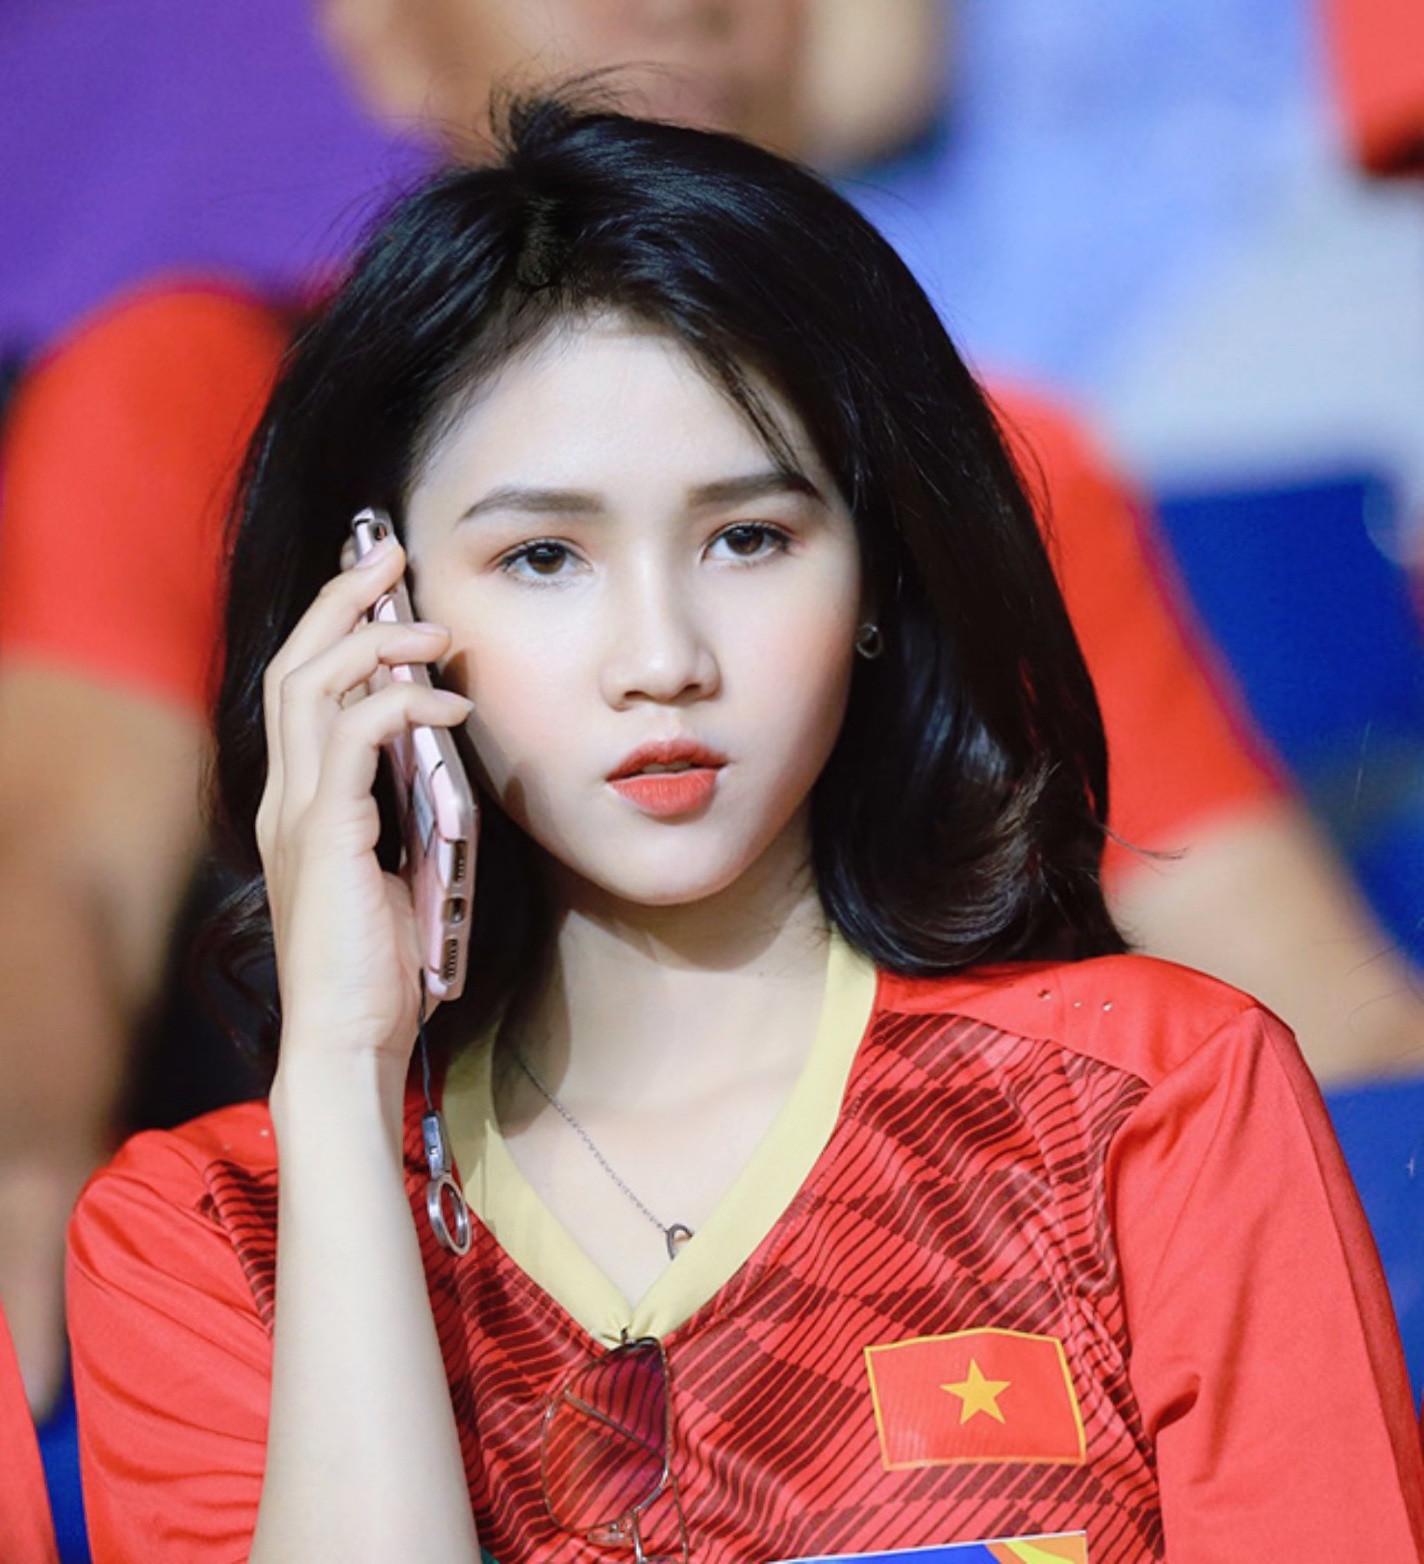 Hot girl nổi như cồn trên khán đài dự đoán Việt Nam thắng UAE 2-1-2